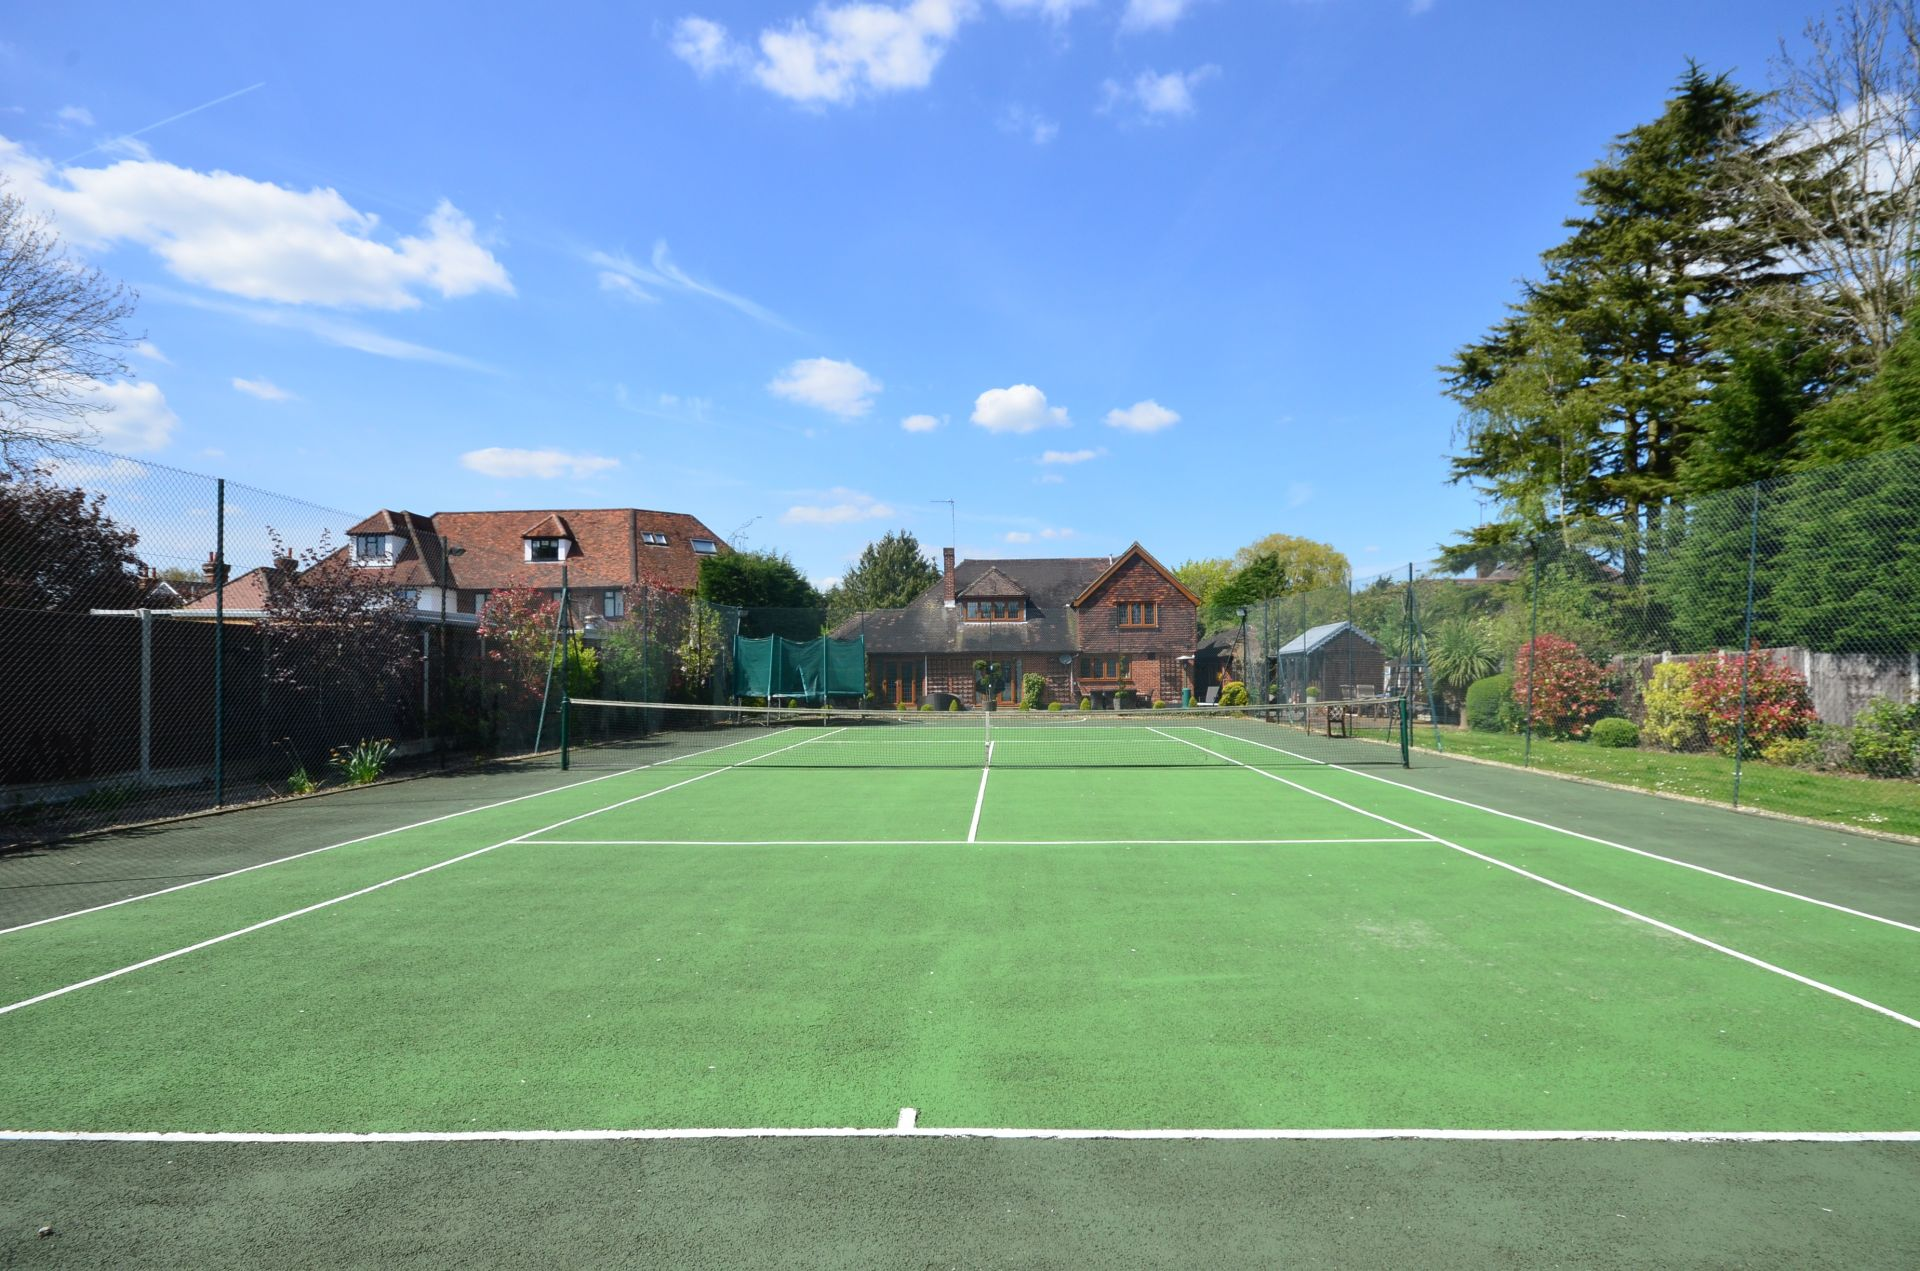 Ten grand slam homes for tennis lovers